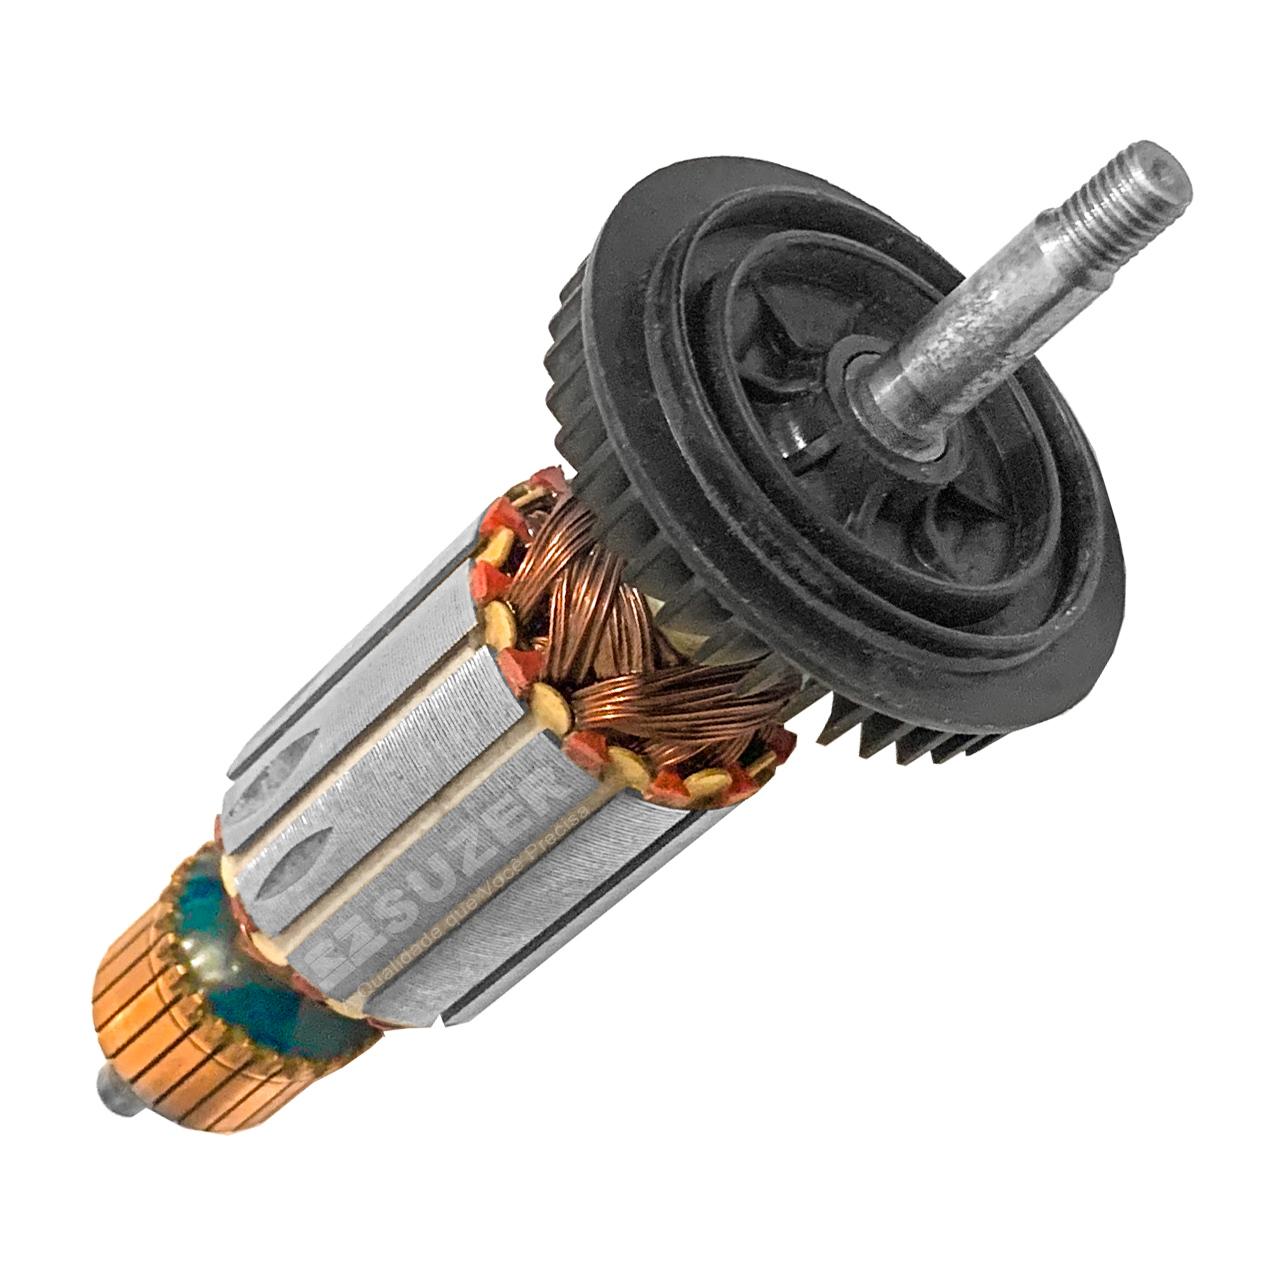 Induzido (Rotor) para esmerilhadeira bosch 1820/ 1800 Gws 8-115 / Gws 8-125 163mm